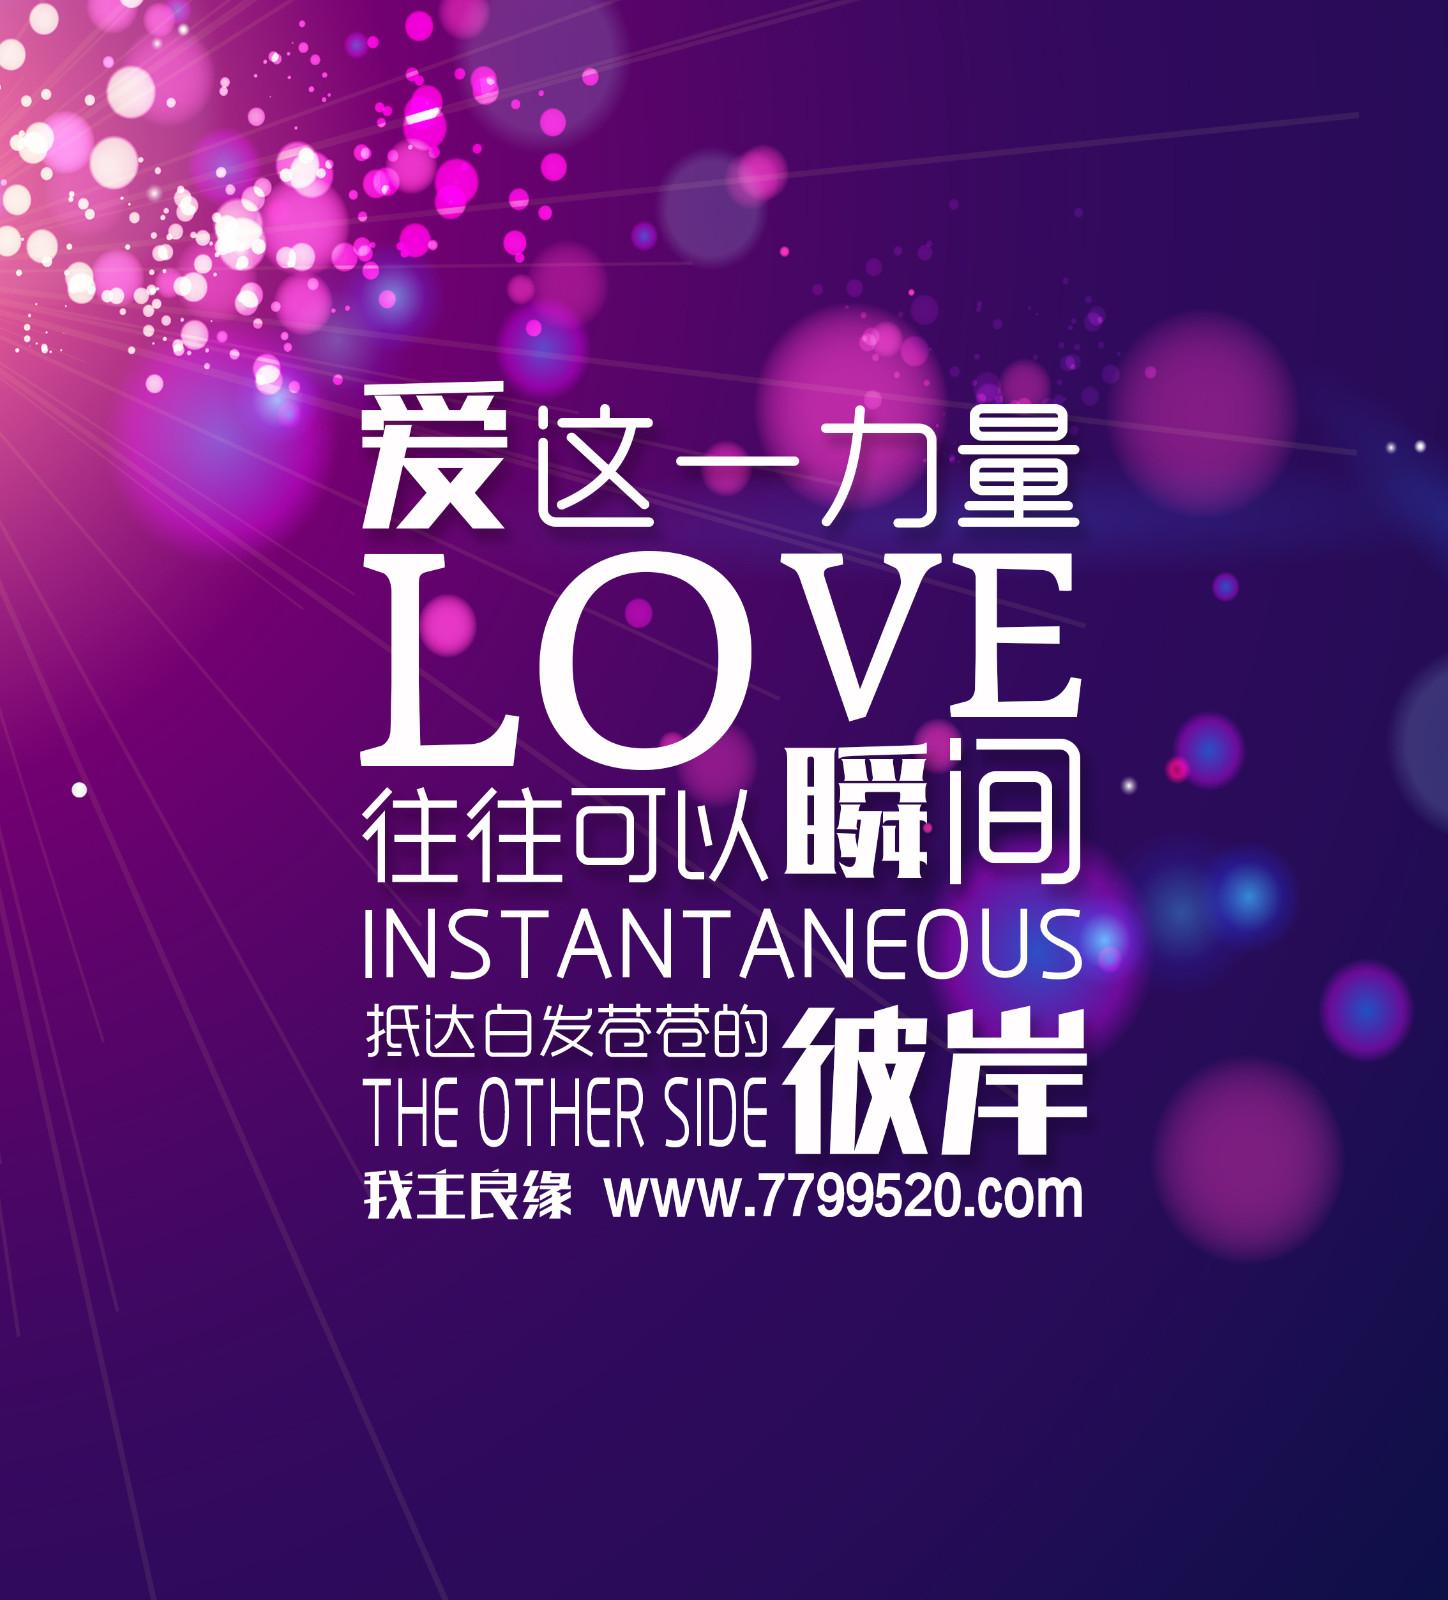 全面升级强婚恋服务,广州我主良缘实现市场与需求共赢